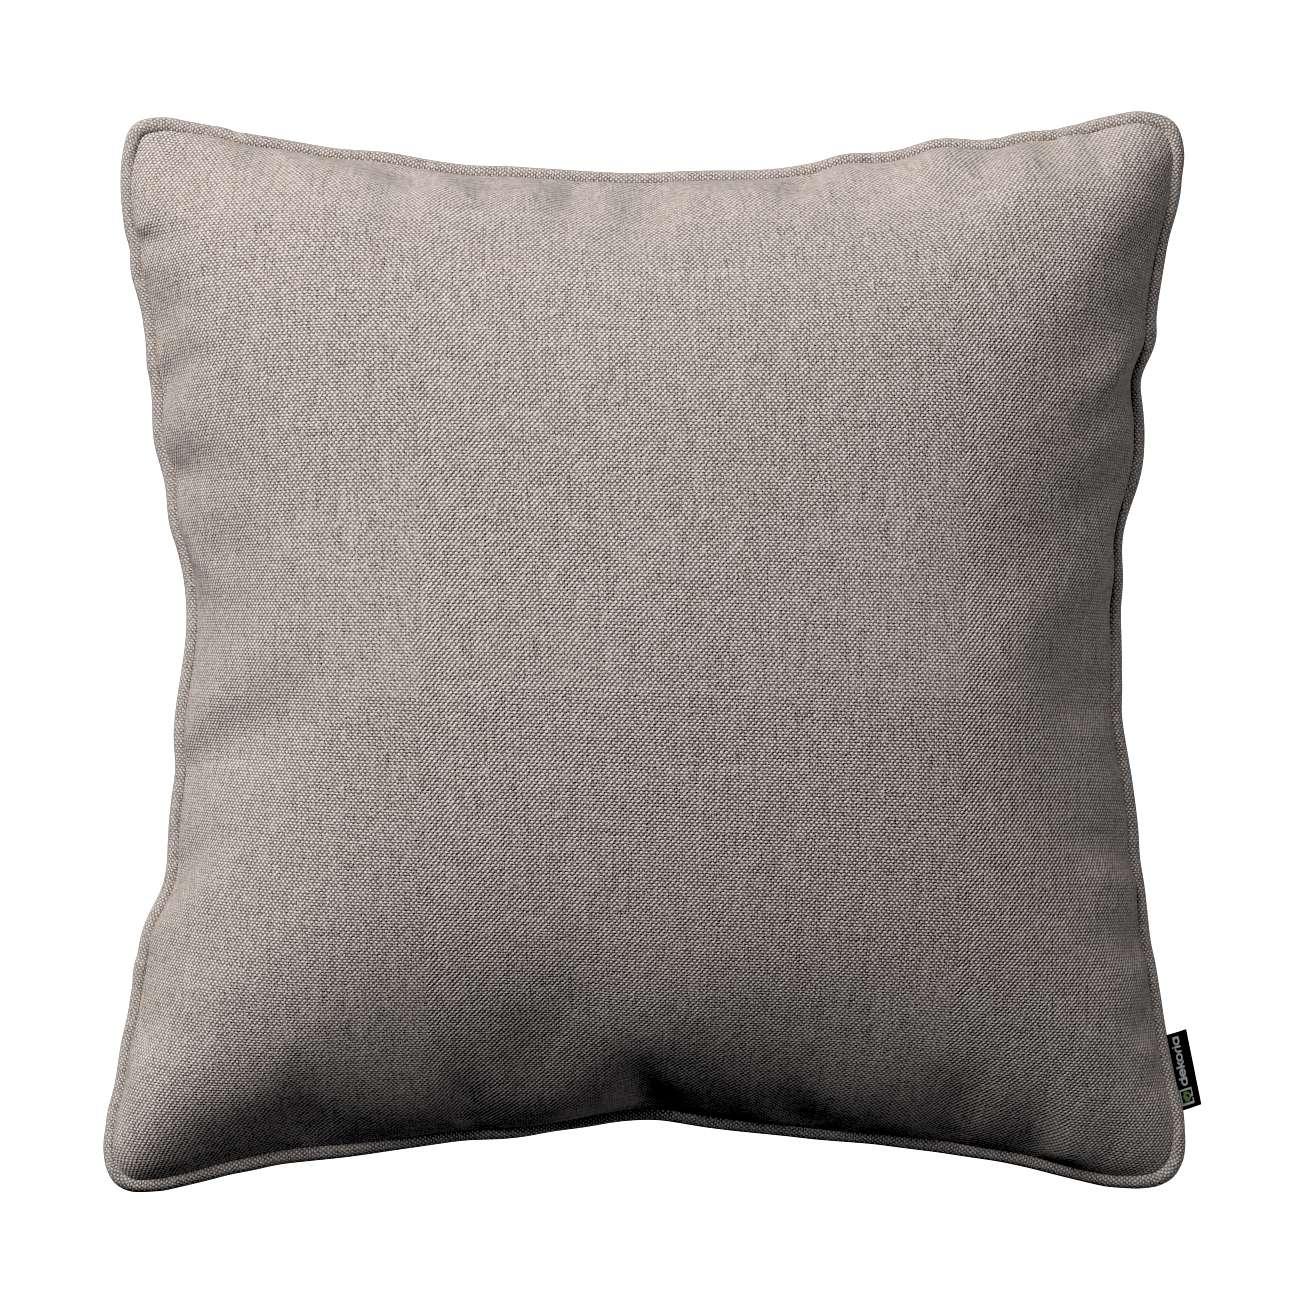 Gabi dekoratyvinės pagavėlės užvalkalas su specialia siūle 45 x 45 cm kolekcijoje Etna , audinys: 705-09